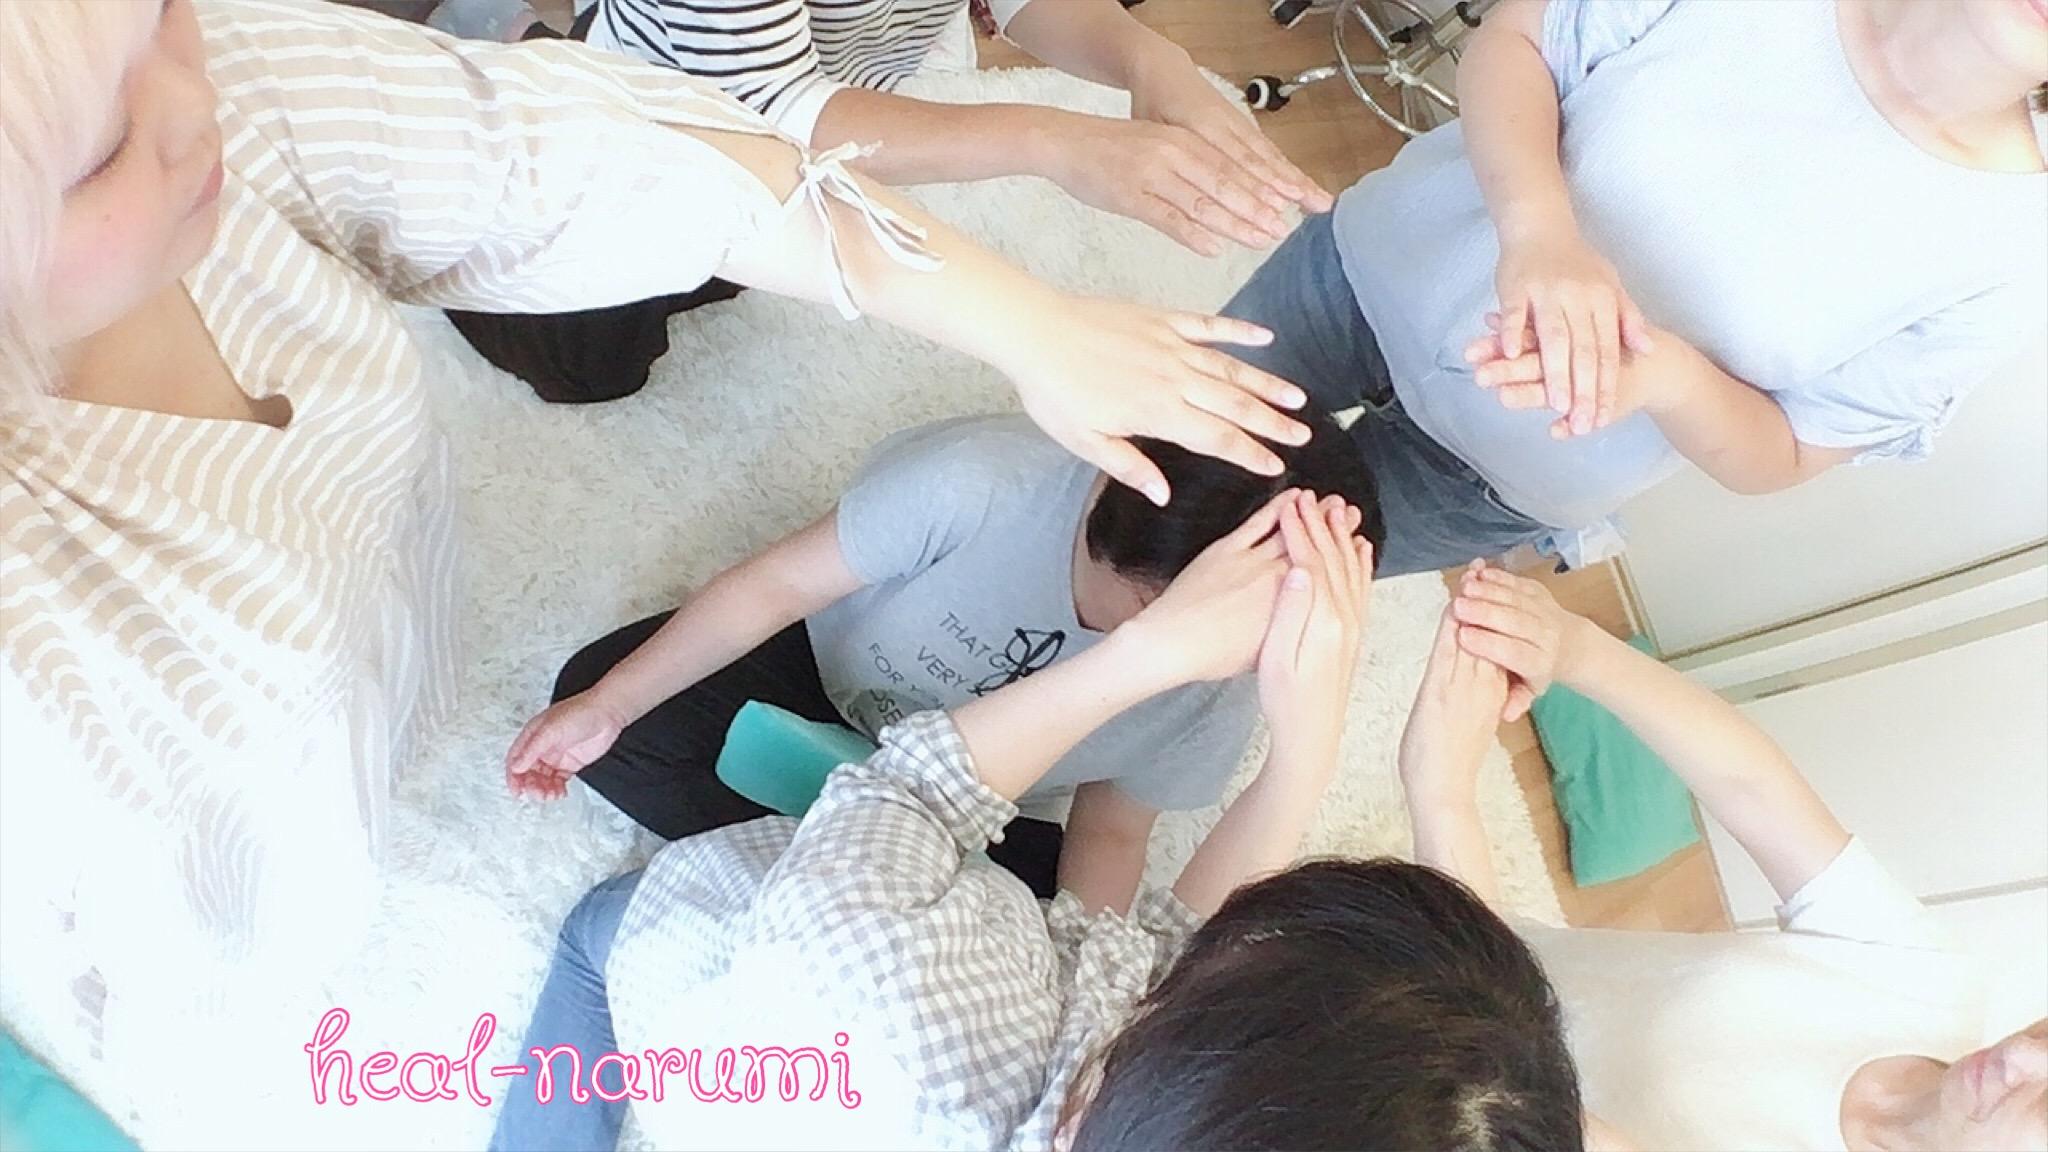 【東京】なんと60回目!?レイキの感覚を高める方法が自然と身に付くレイキワークショップ開催しました♡